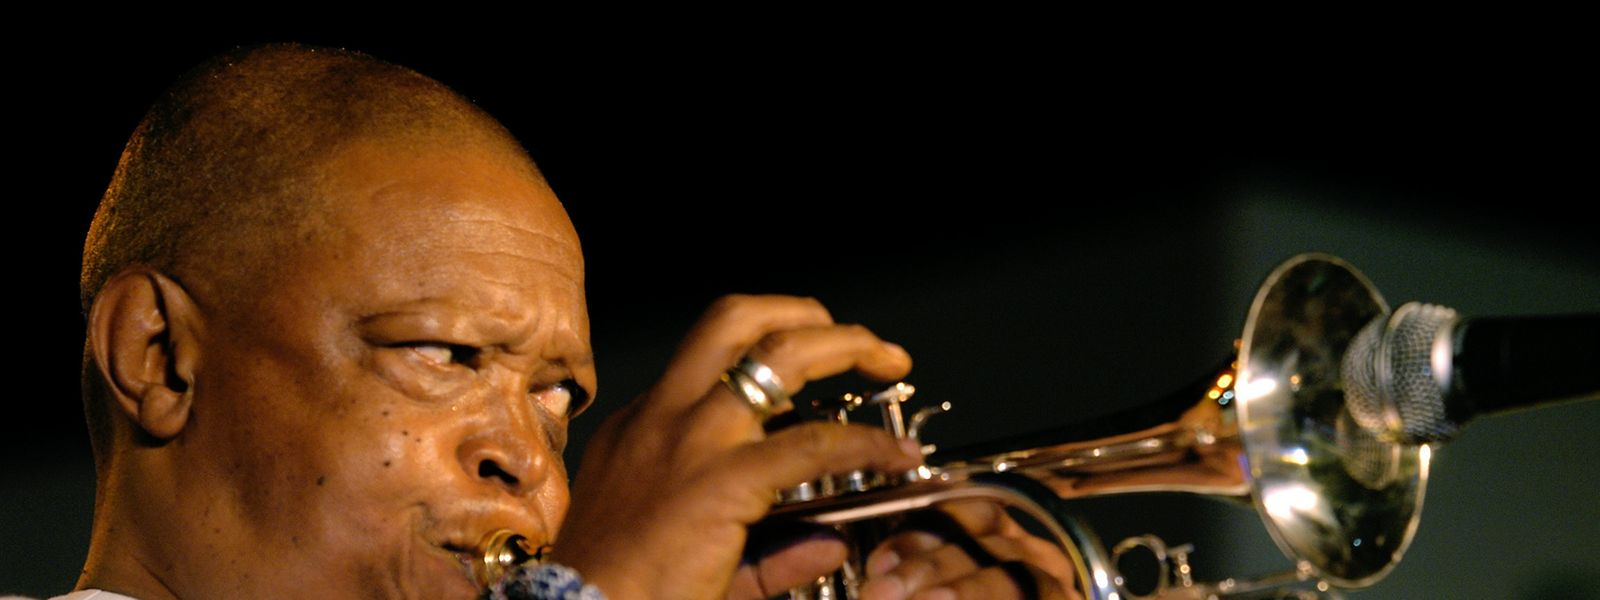 Masekela galt als einer der Pioniere des Afro-Jazz.